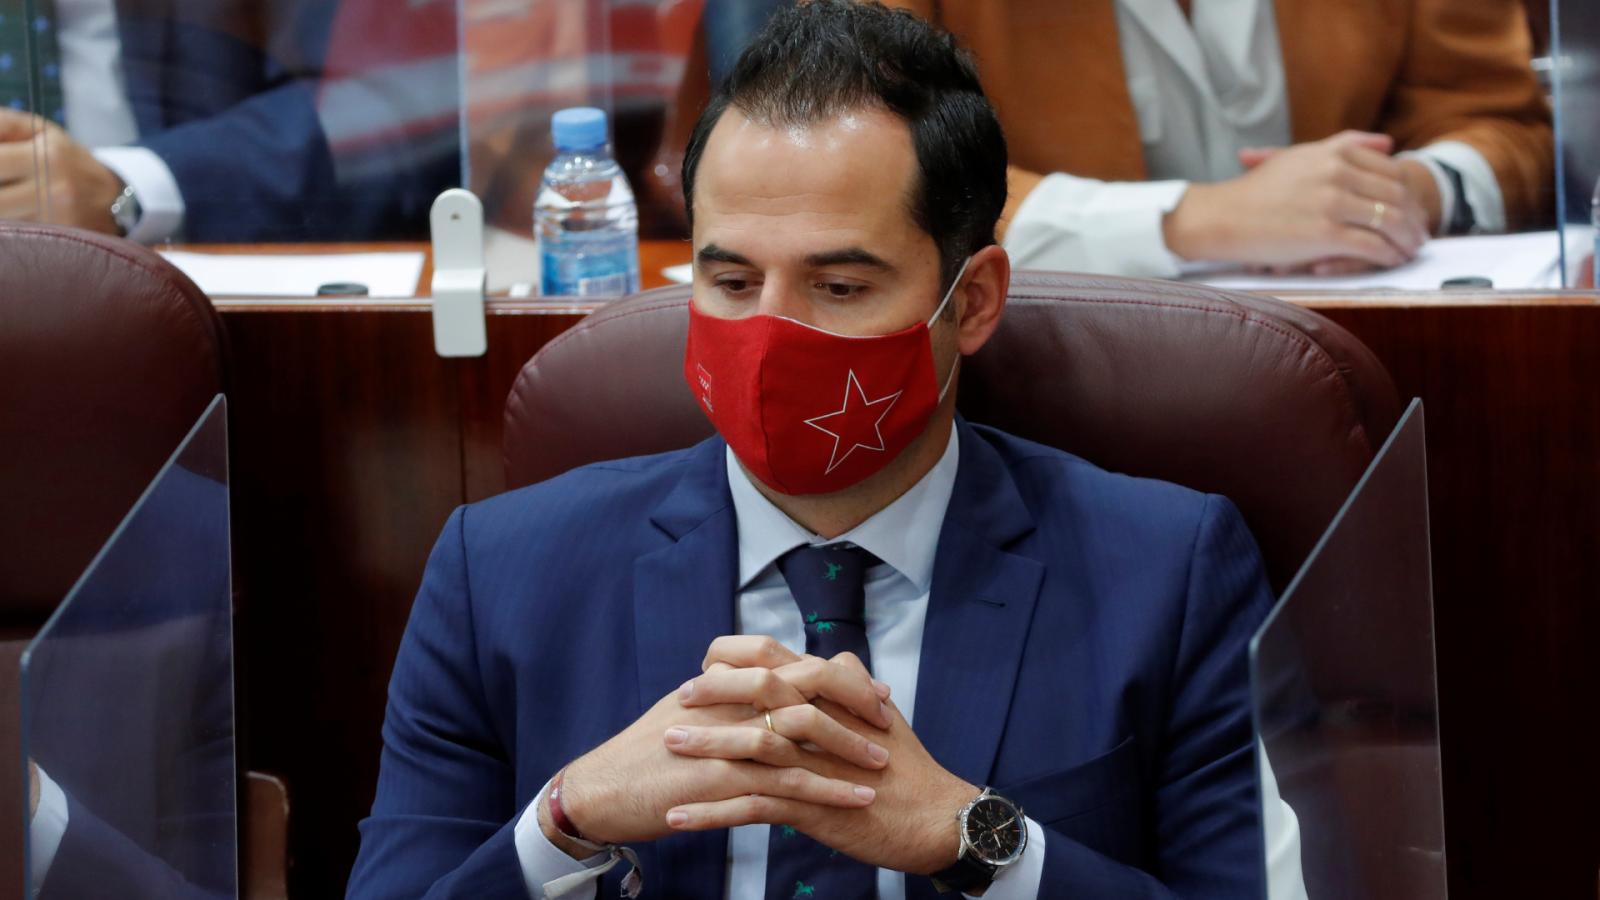 24 horas - Ignacio Aguado apuesta por medidas estrictas cuando decaiga el estado de alarma - Escuchar ahora